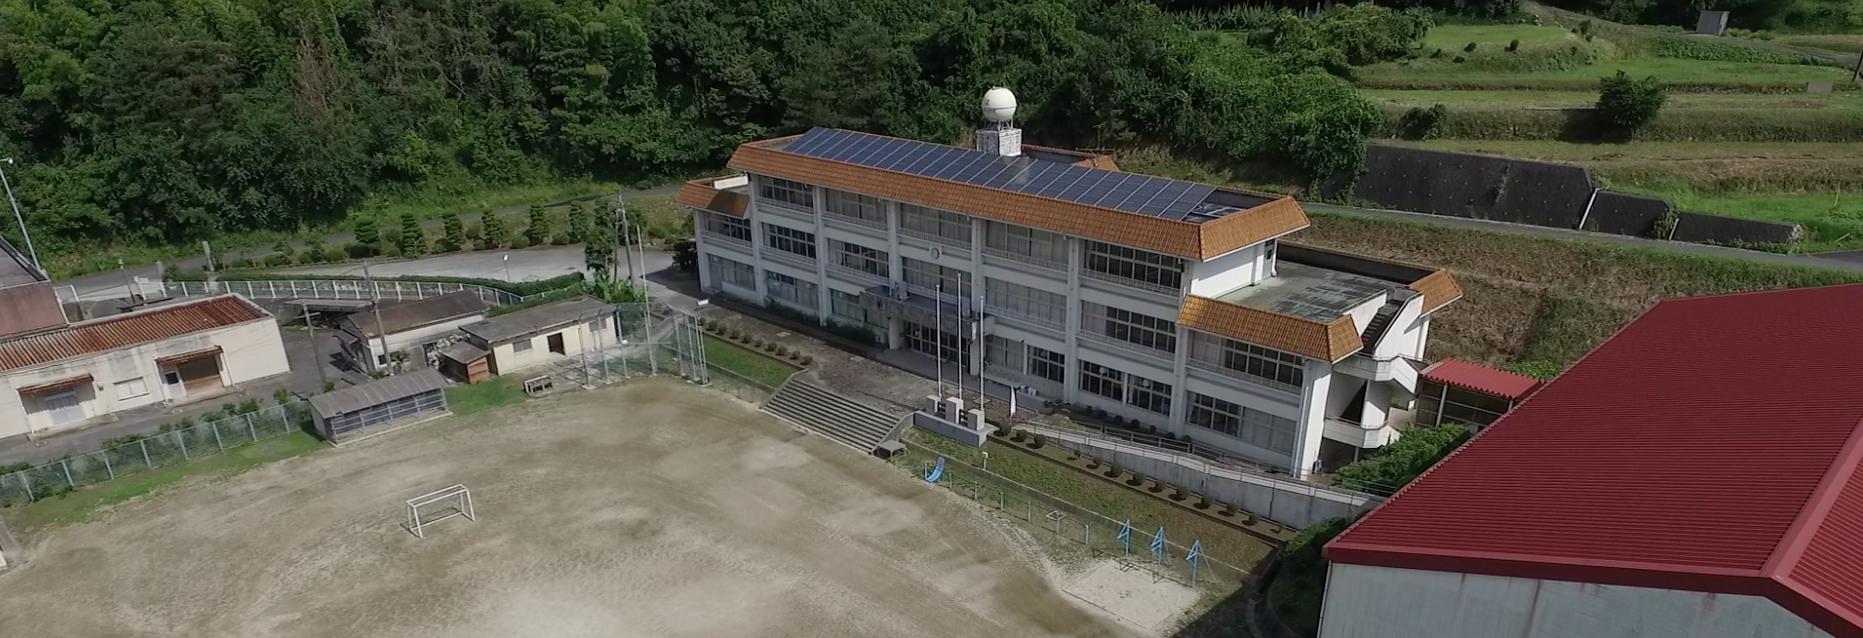 塩田小学校校舎